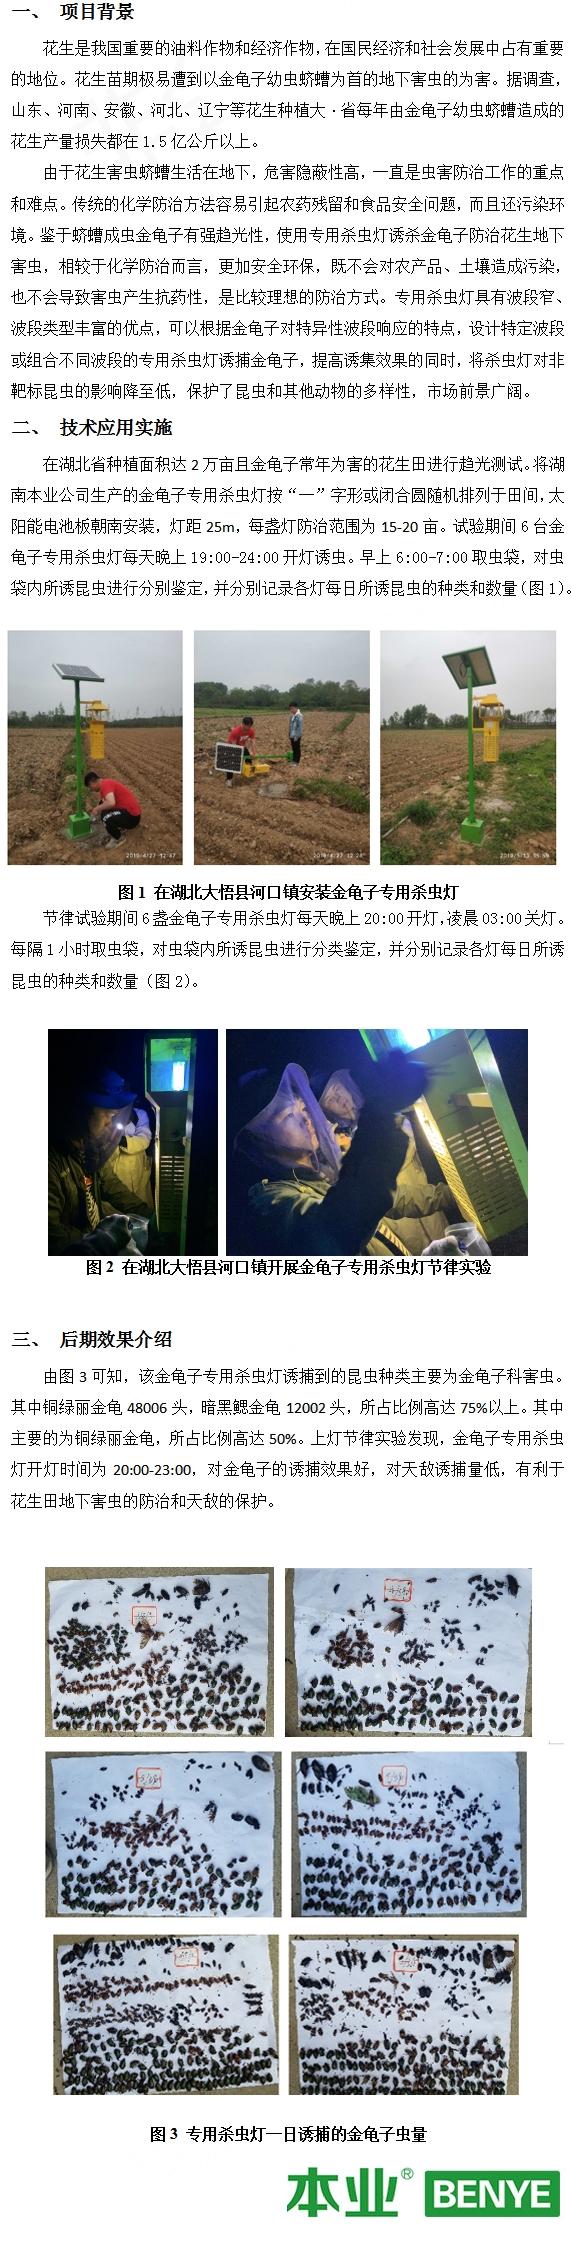 金龟子专用杀虫灯对湖北大悟花生害虫的防治效果_03